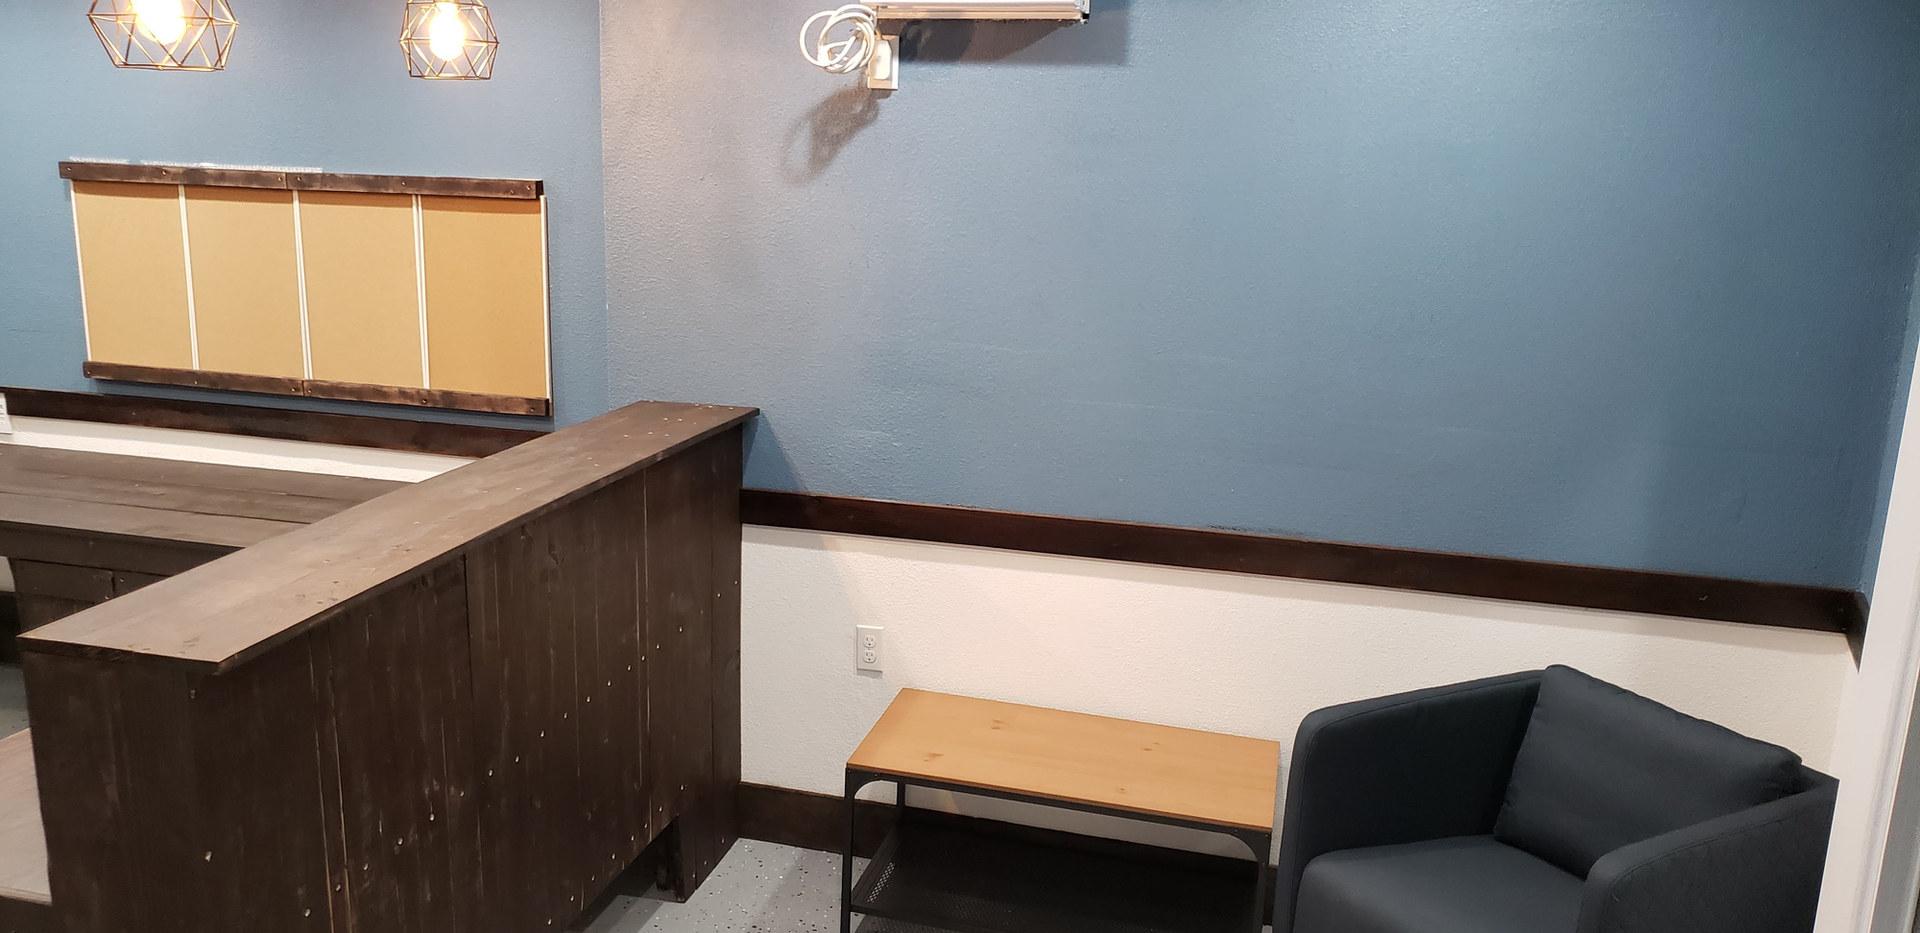 Jan 2019 office done 5.jpg